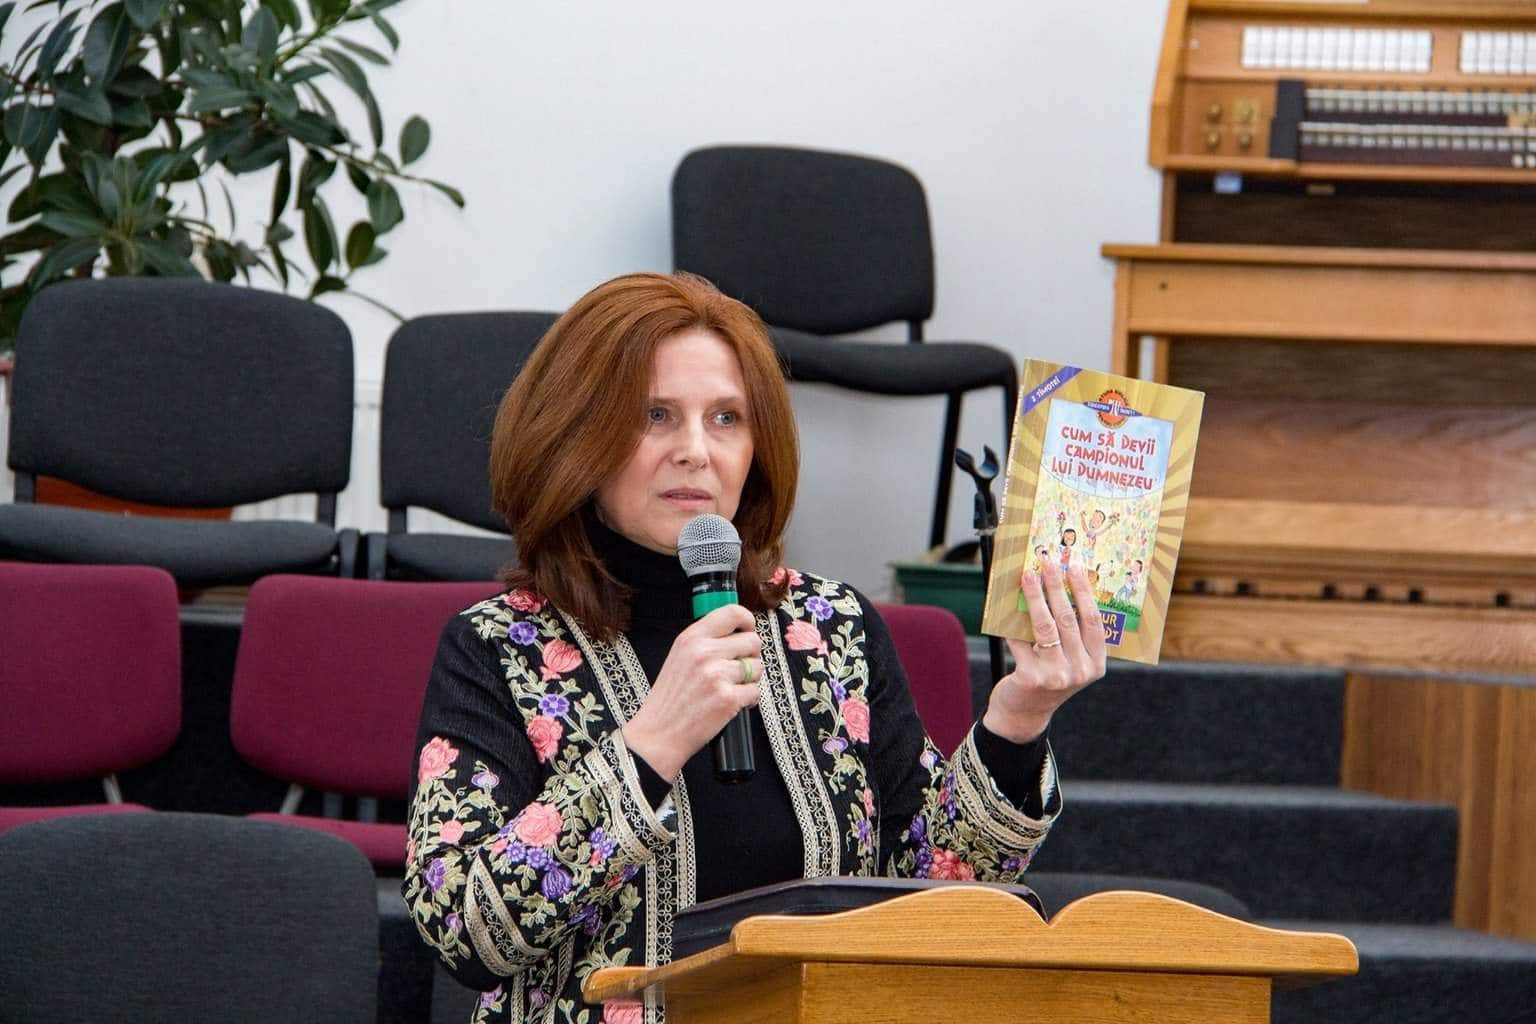 MIsiune cu copii - manualul CUM SĂ DEVII CAMPIONUL LUI DUMNEZEU